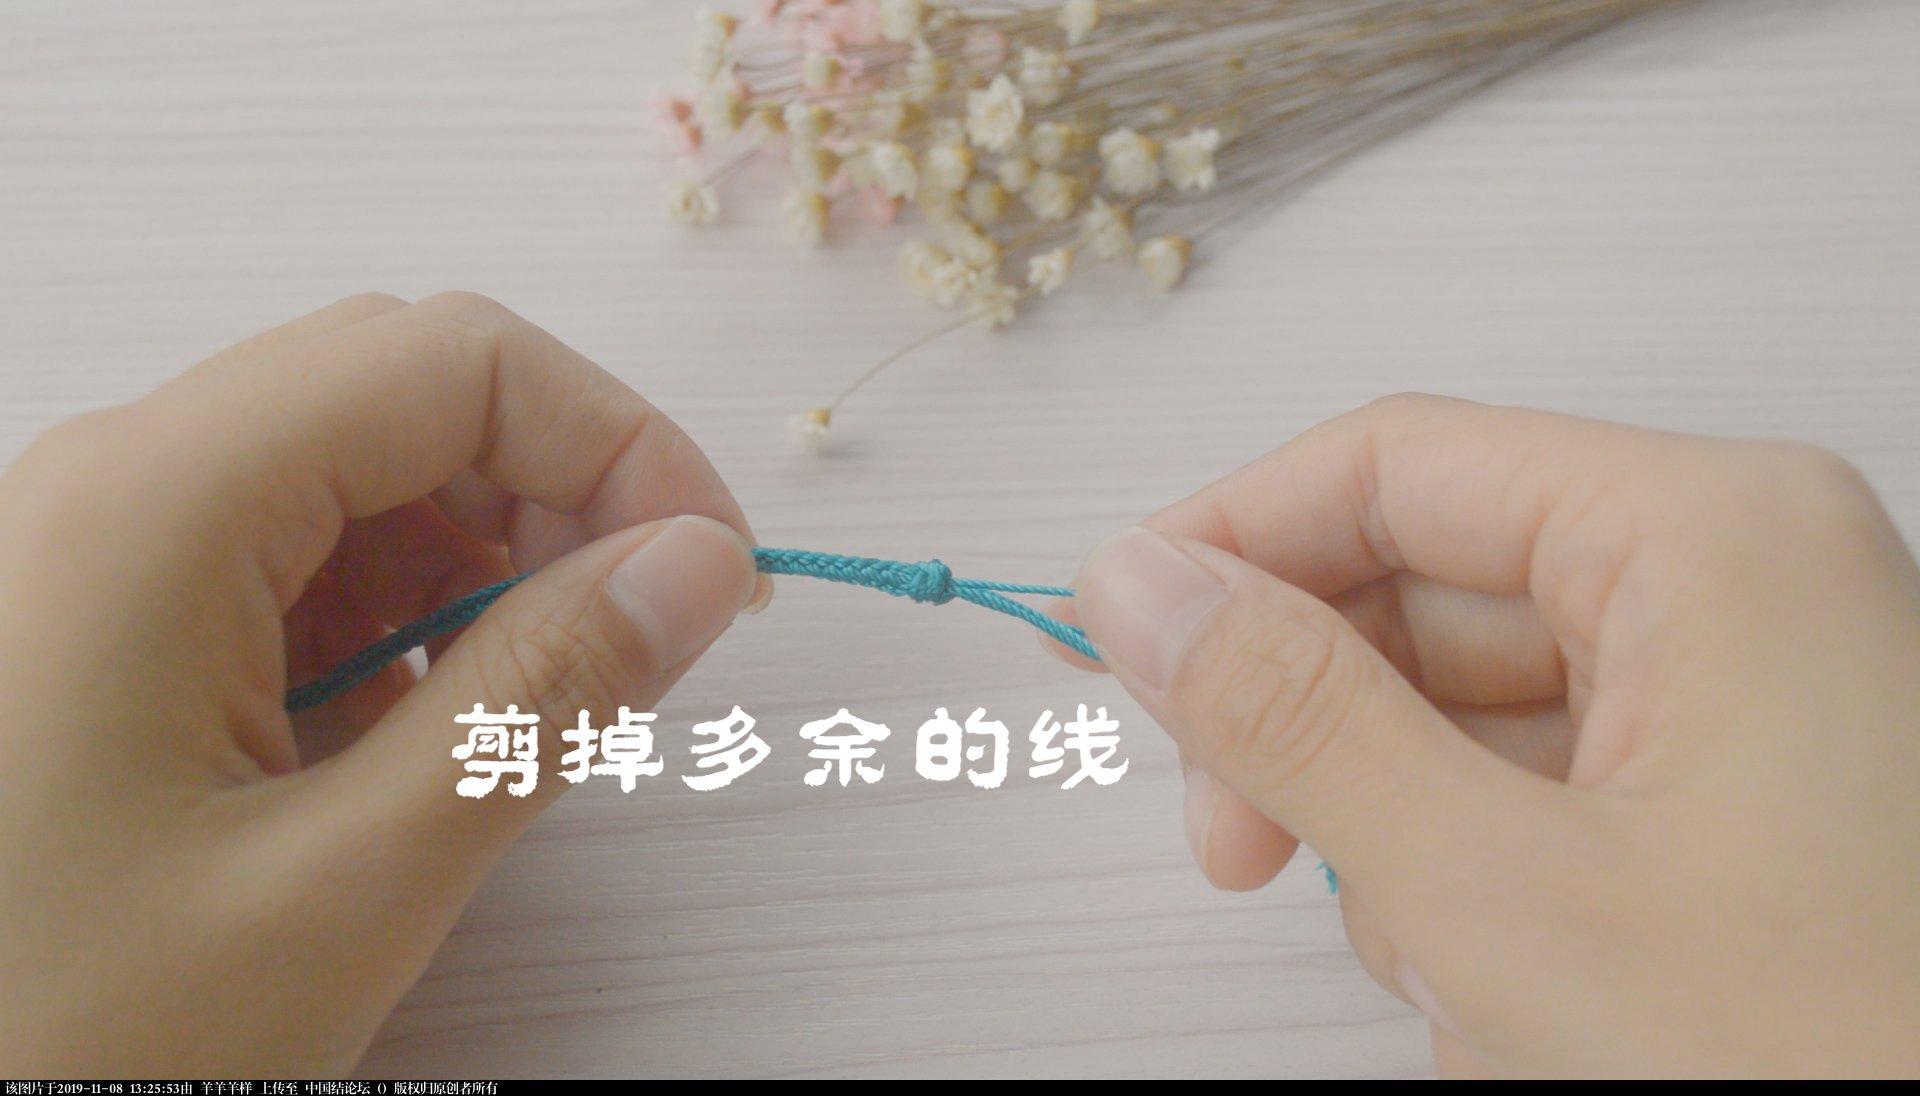 中国结论坛 冰花结只会用来做挂件?试试做一款属于自己的毛衣链,附视频教程  图文教程区 131814eb2pek25ji908y8m